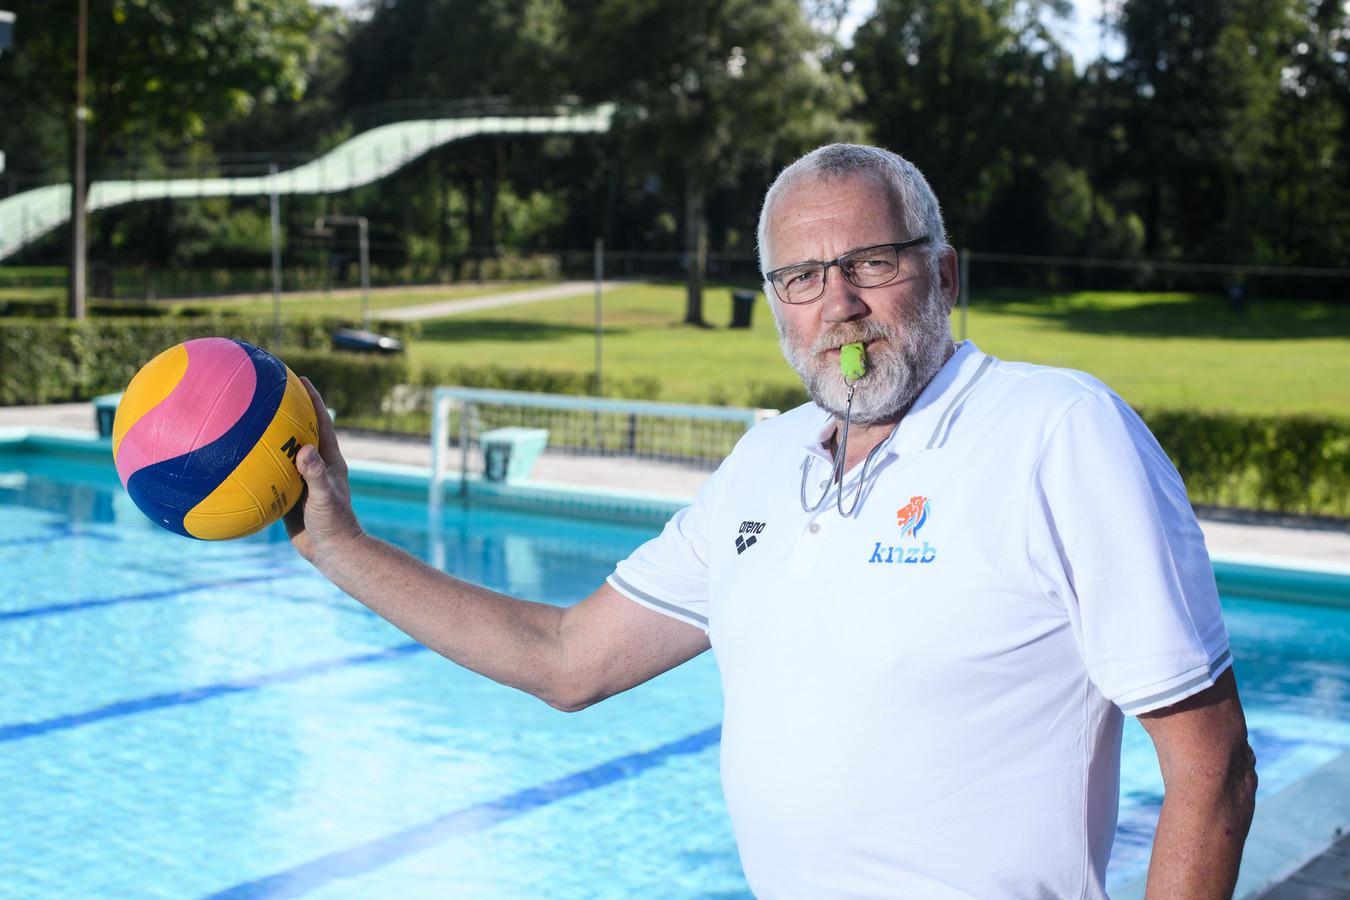 Marcel Geverink is al tweederde van zijn leven waterpoloscheidsrechter. ,,Wat mij gaande houdt? Het plezier aan het leiden van een wedstrijd en de liefde voor waterpolo.''